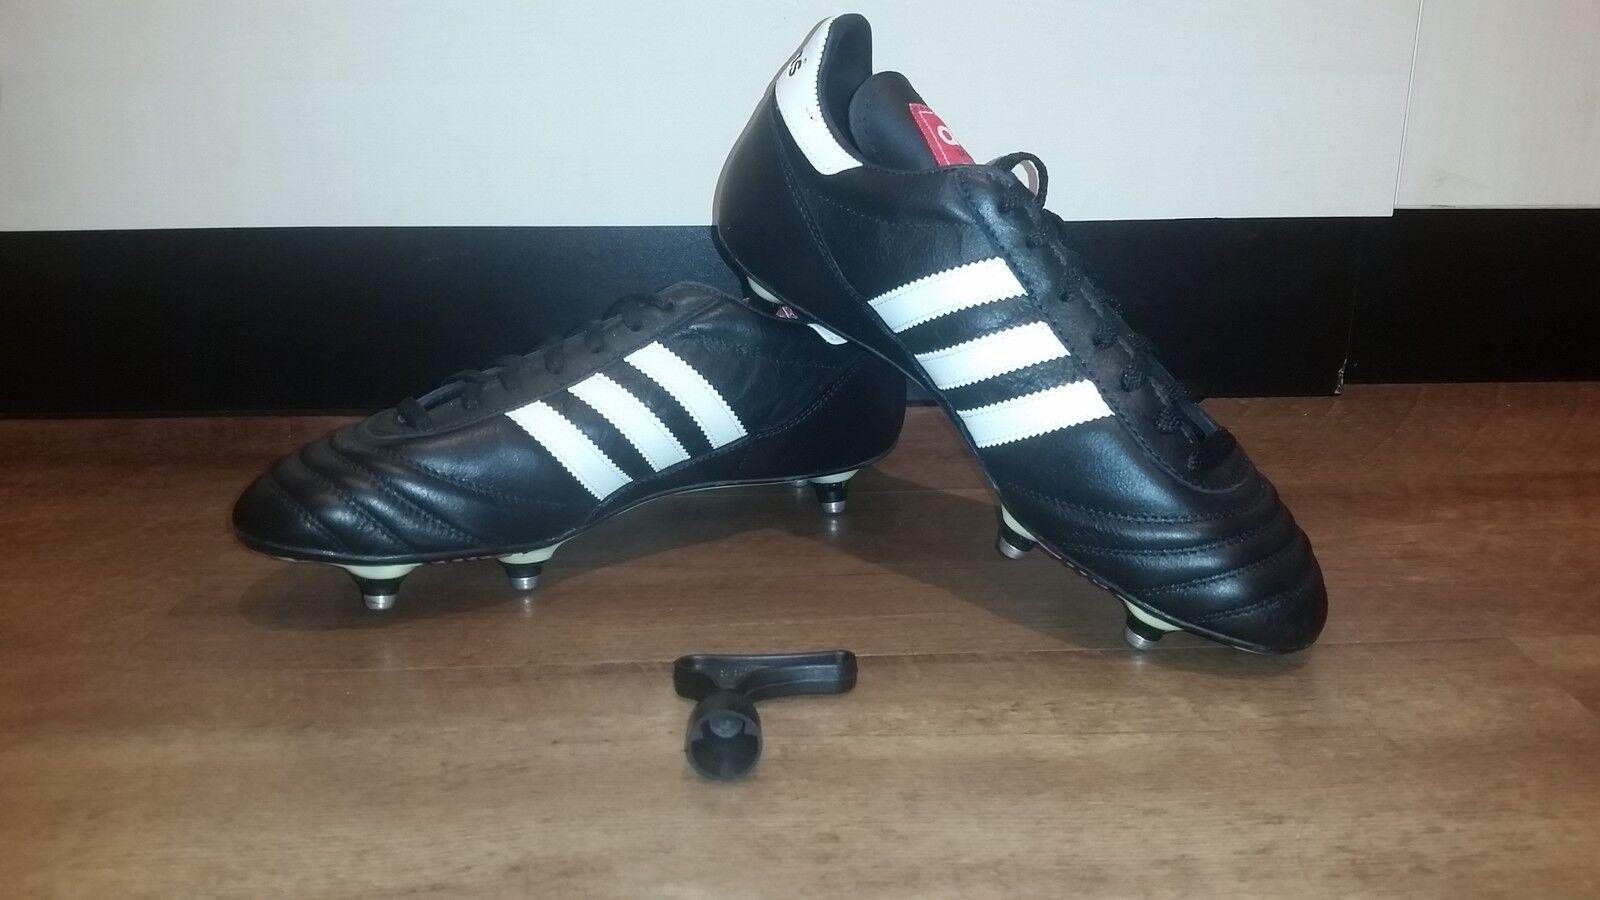 Adidas Fußballschuhe schwarzweiß Stollen NEU Sportschuhe Fußball Stollen